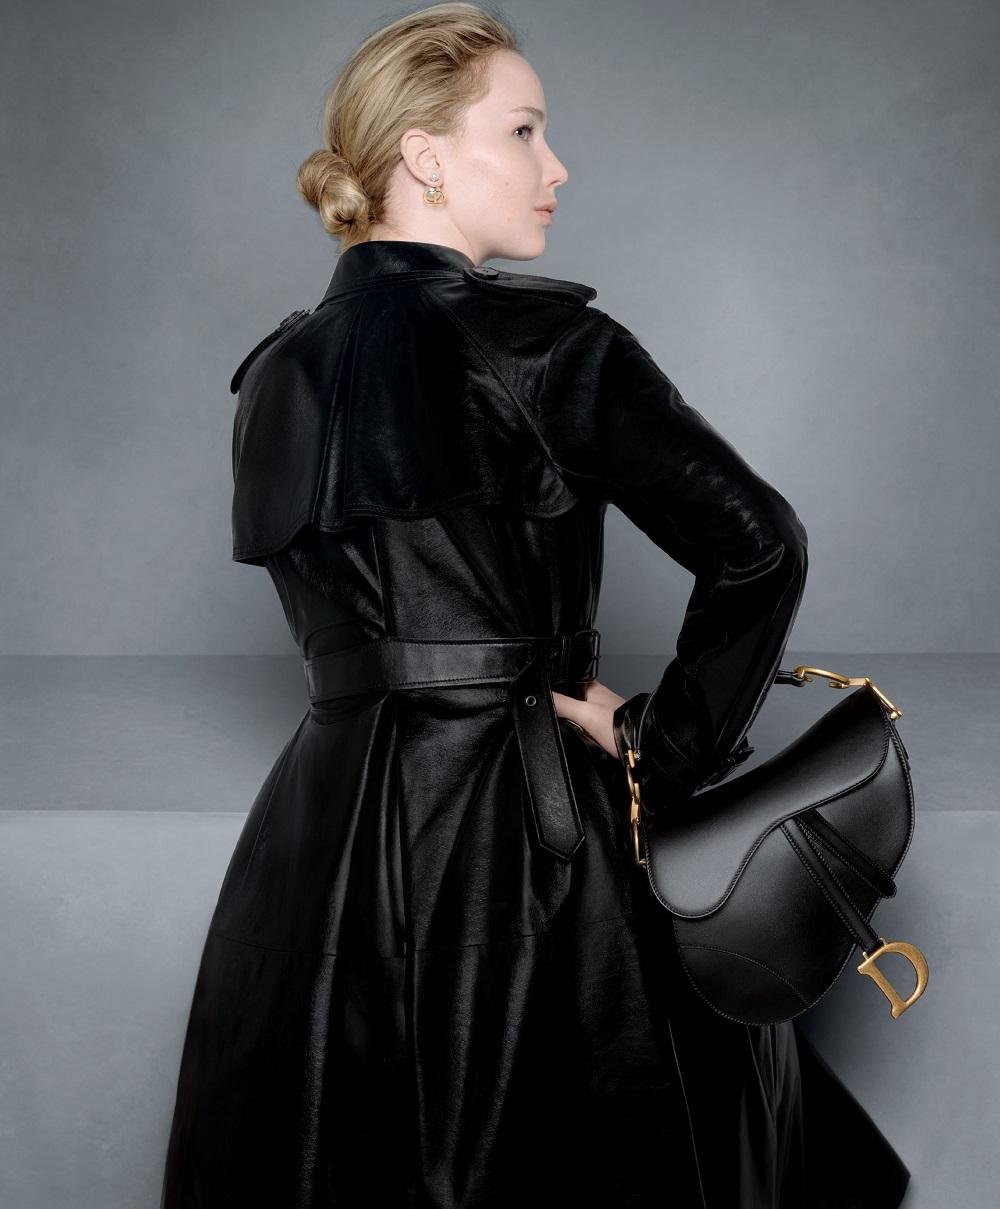 La actriz Jennifer Lawrence con el Saddle Bag en una de las fotos de la campaña otoño-invierno 2020/21 de Dior.